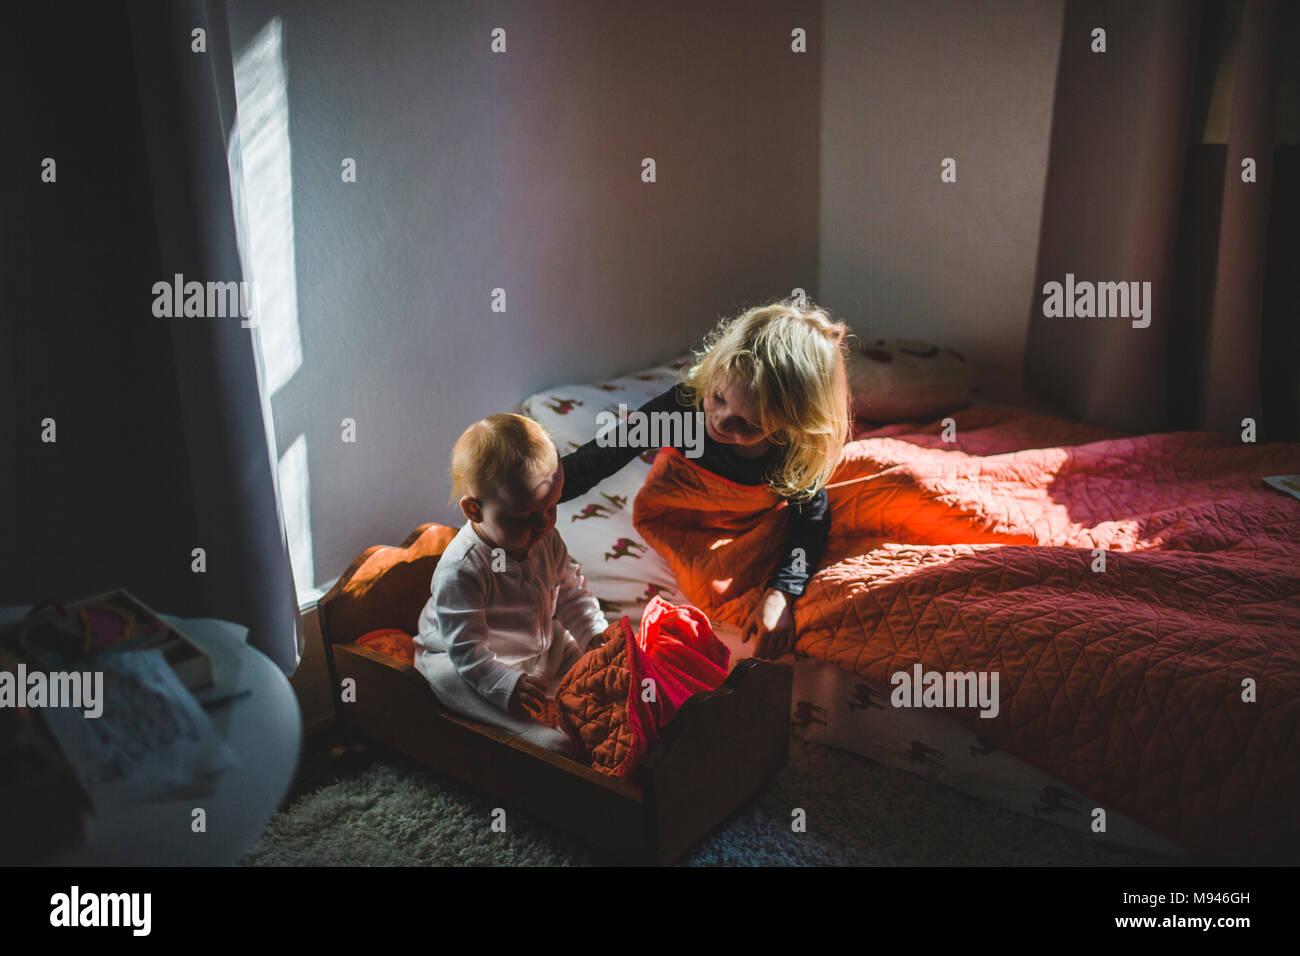 Mädchen und Baby miteinander Holding in getrennten Betten Stockfoto